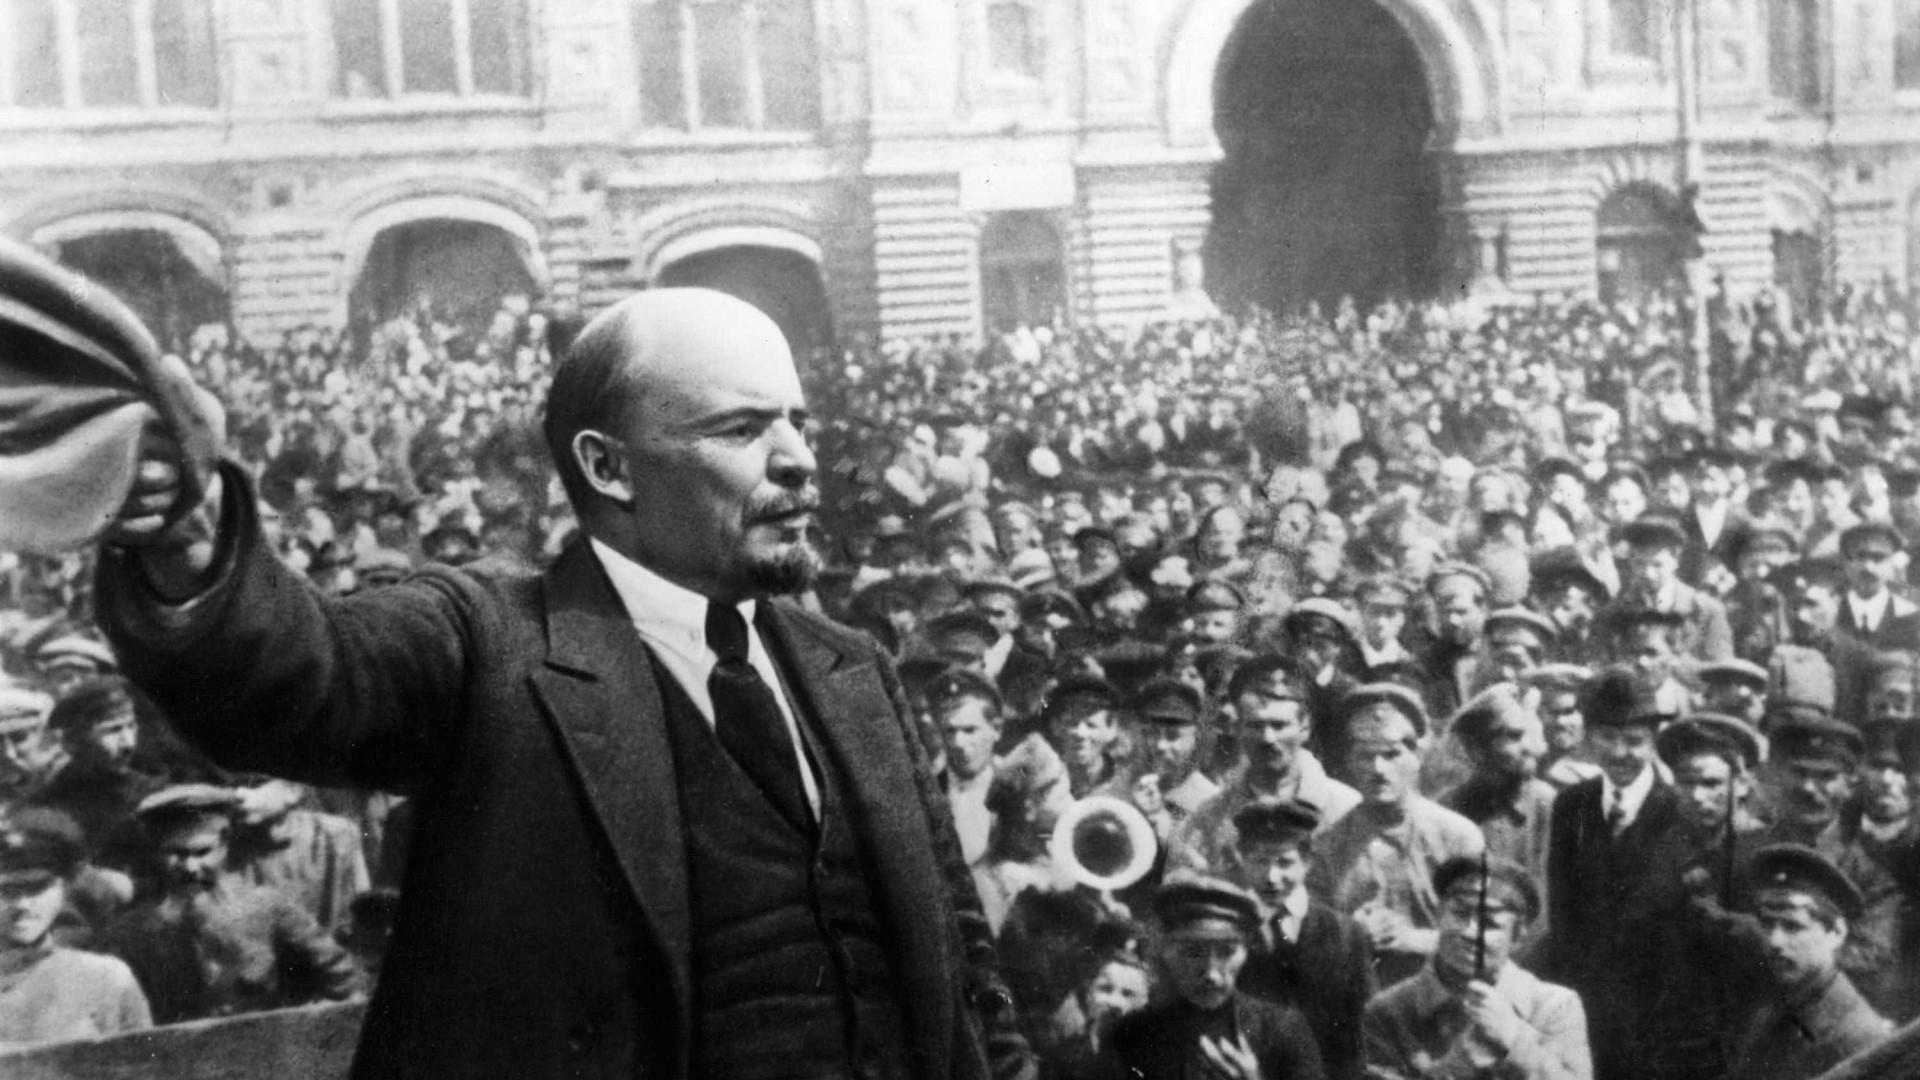 Os bolcheviques tomaram o poder há 100 anos. Tudo mudou desde então